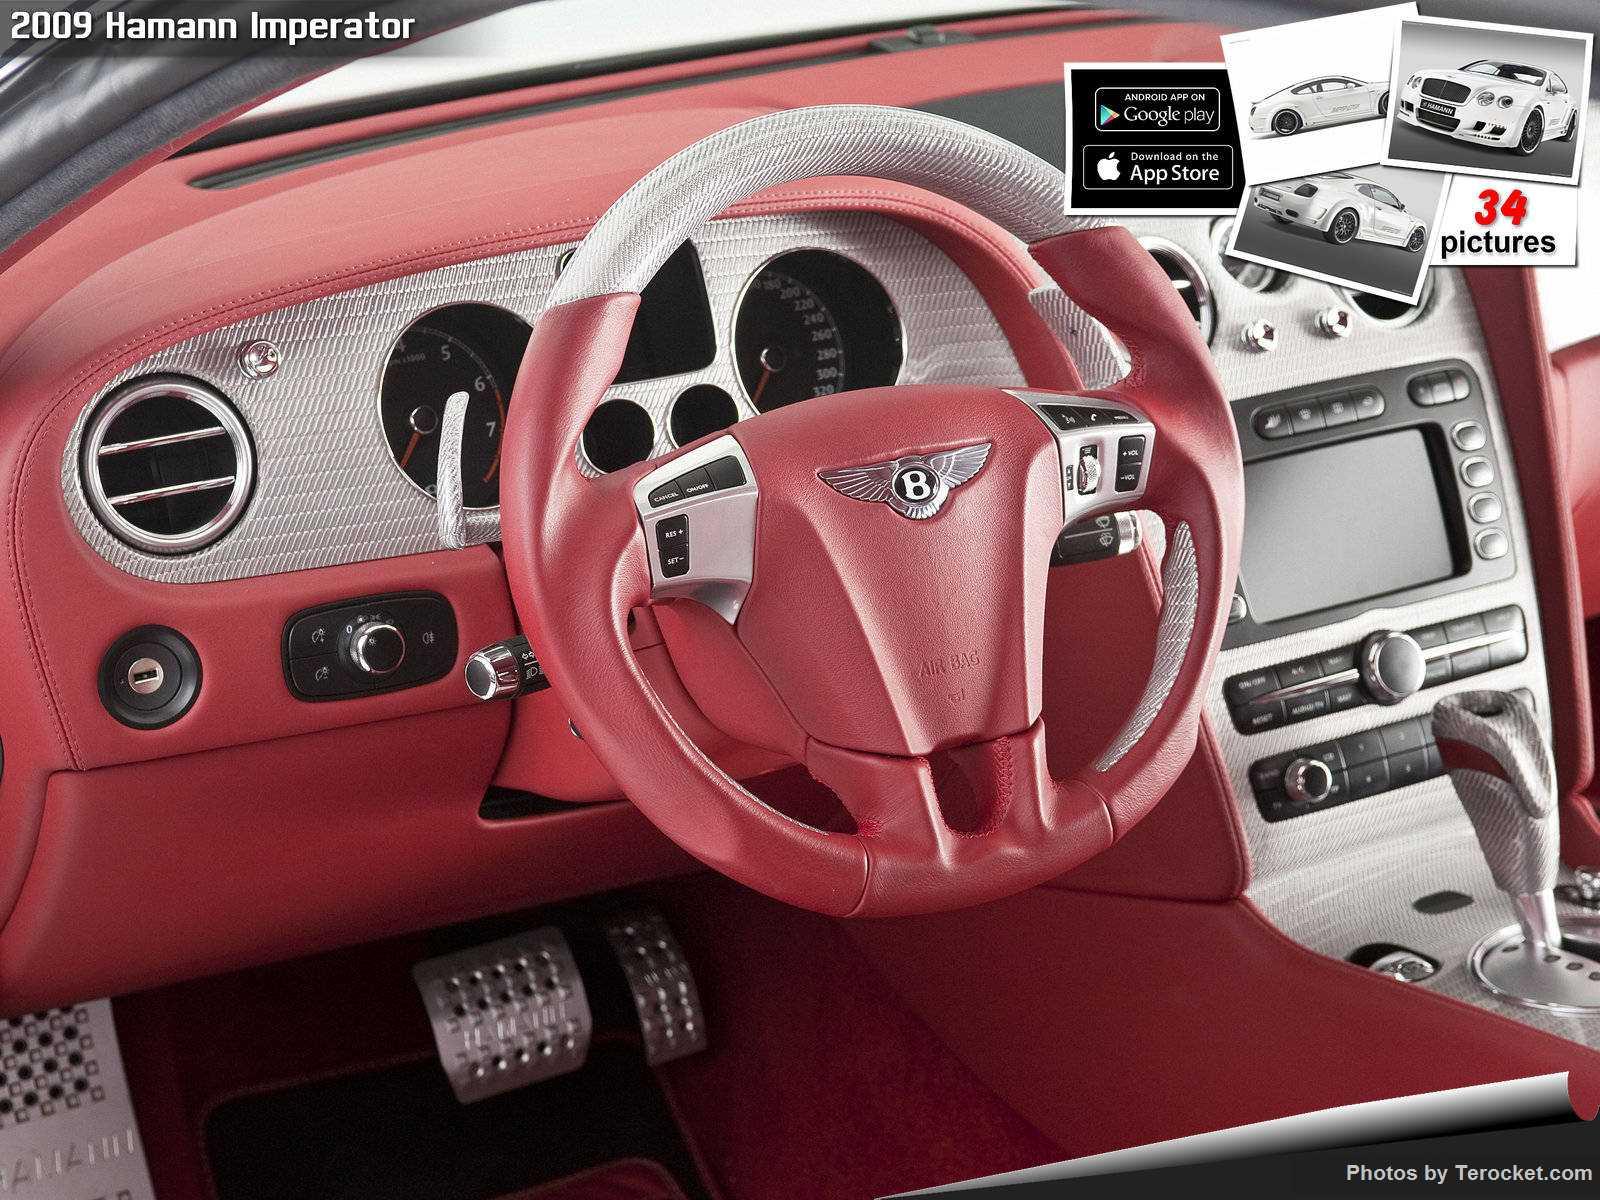 Hình ảnh xe ô tô Hamann Imperator 2009 & nội ngoại thất